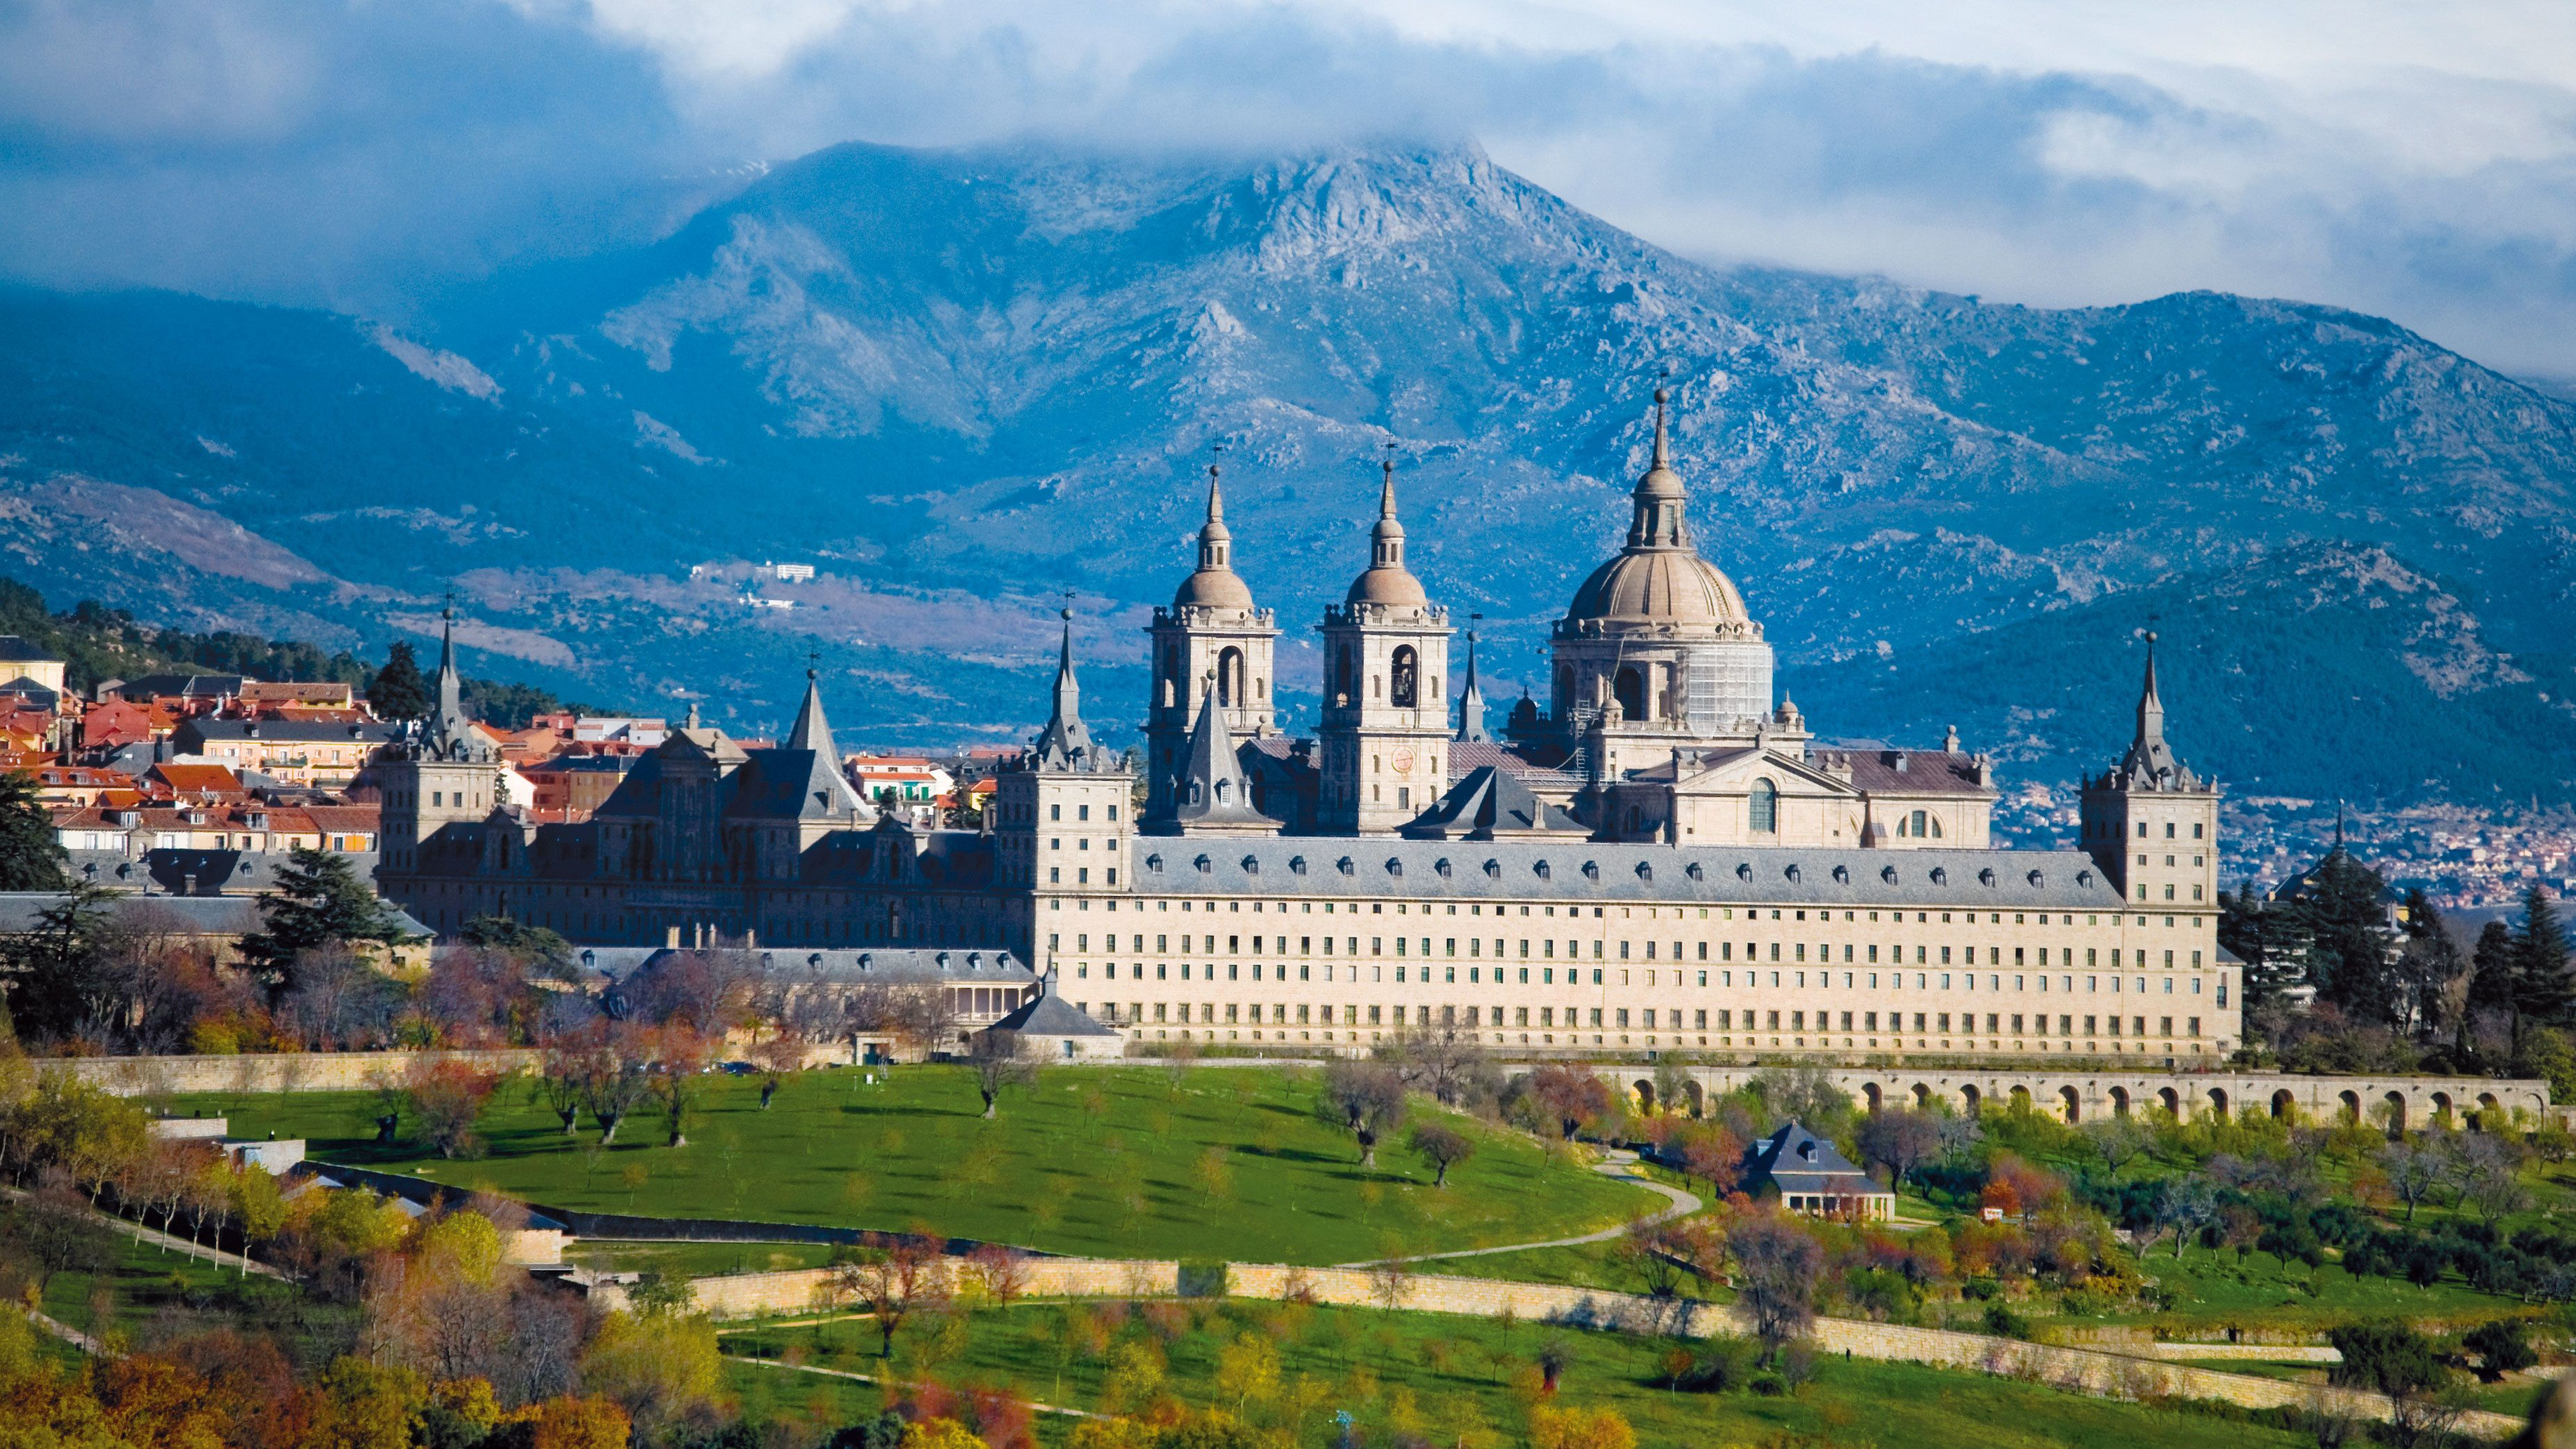 Halbtagesausflug zum Escorial und ins Tal der Gefallenen